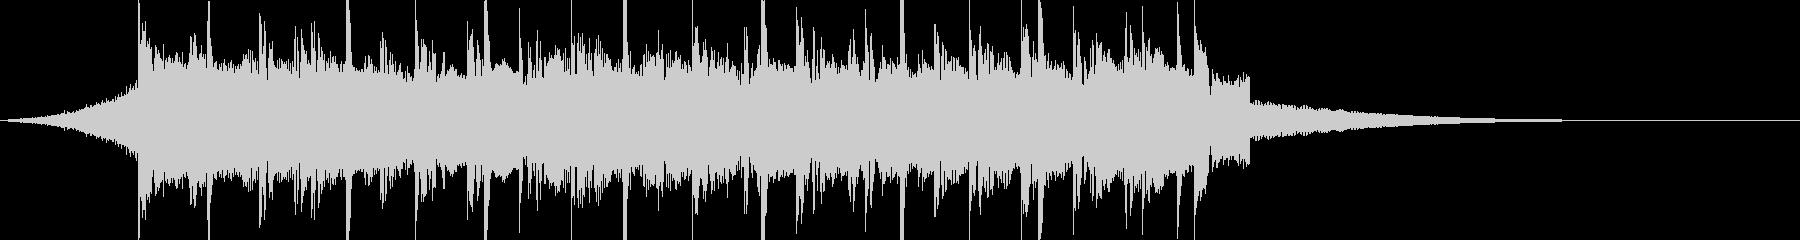 CM15秒、おしゃれなギターのトラックの未再生の波形